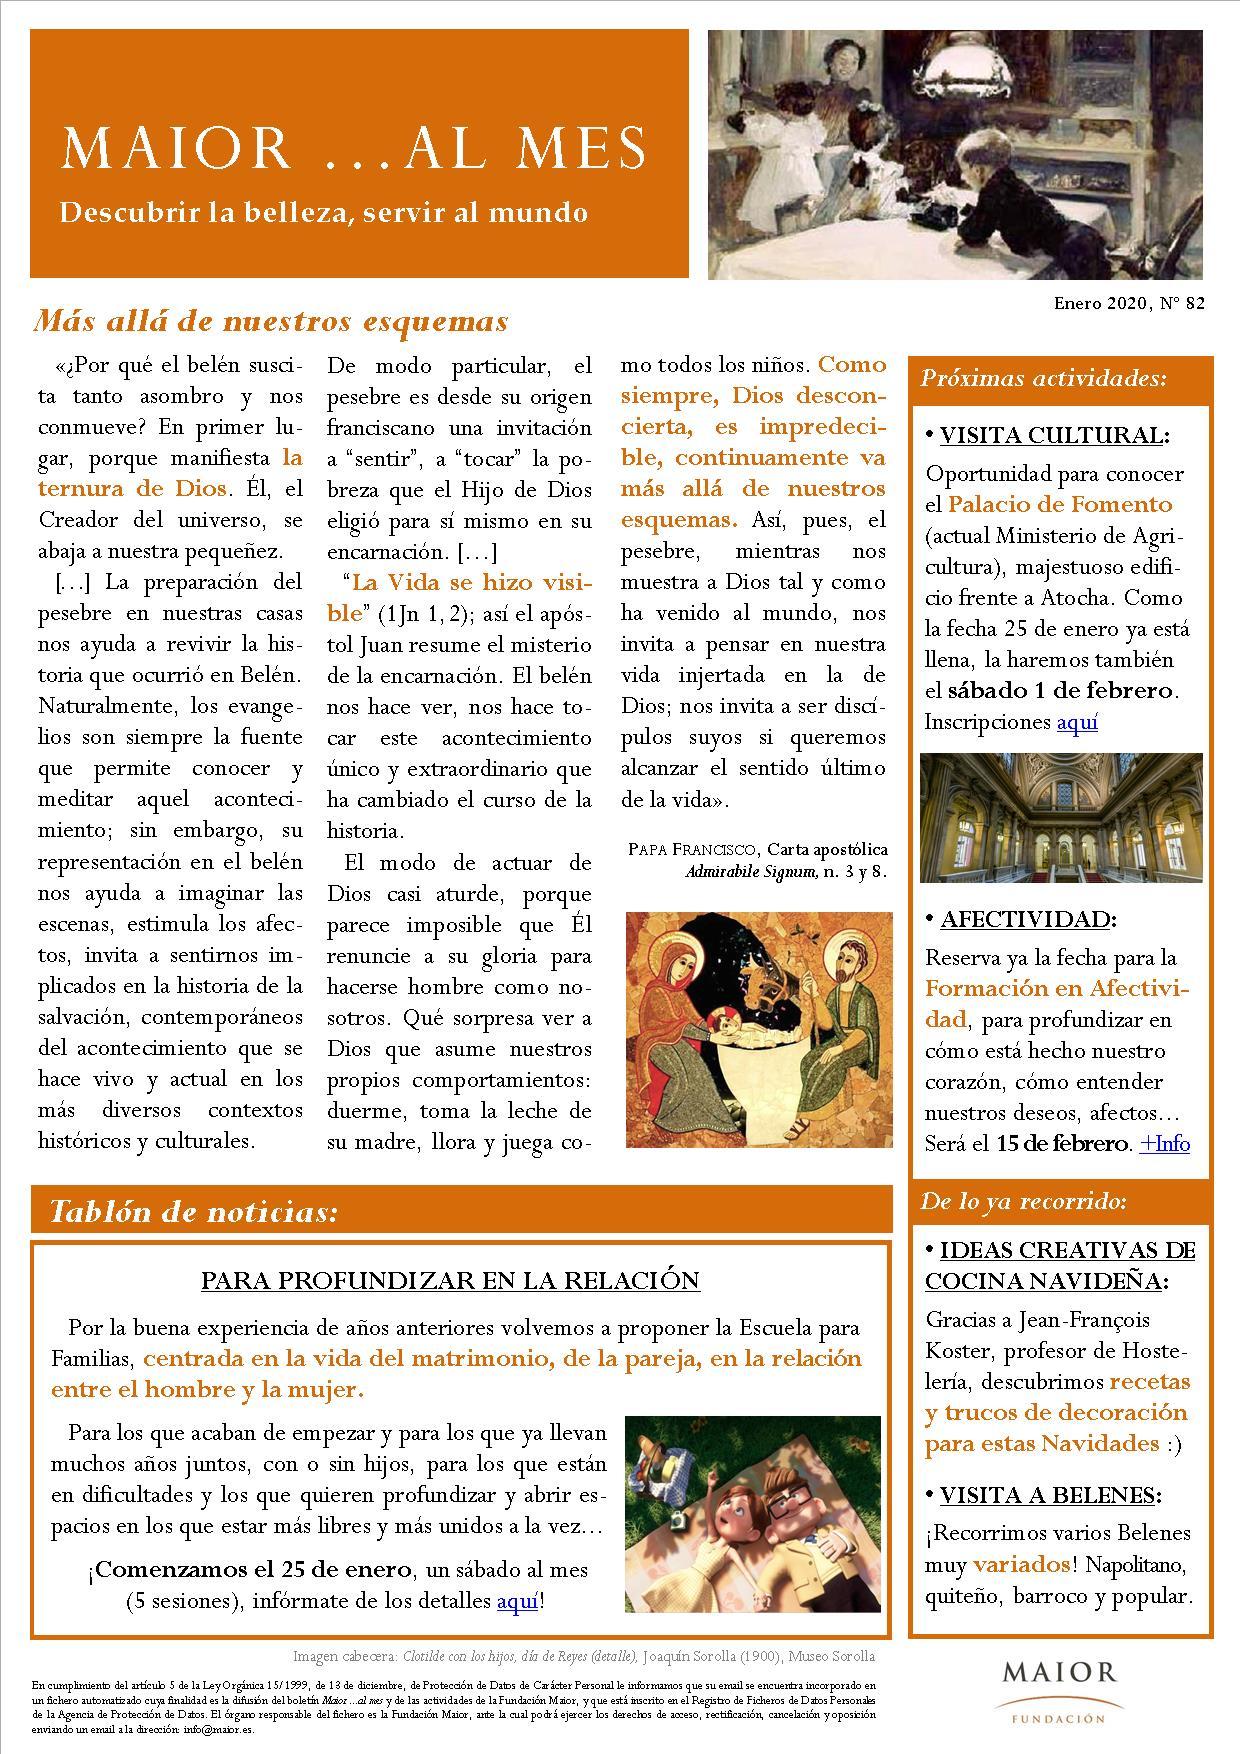 Boletín mensual de noticias y actividades de la Fundación Maior. Edición de enero 2020